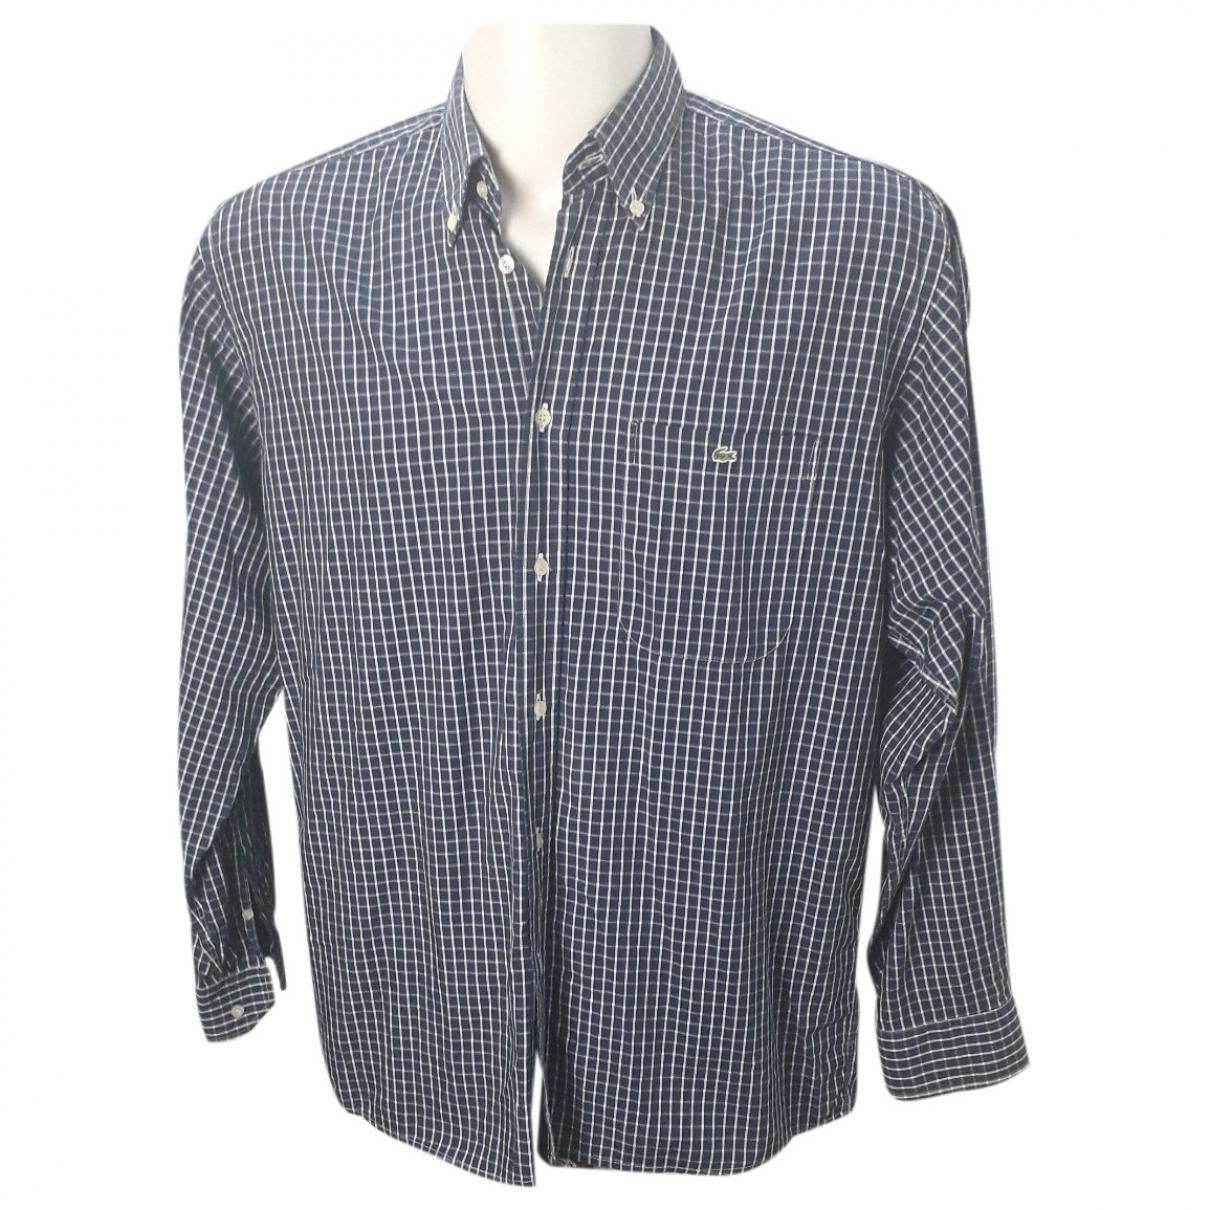 Lacoste \N Blue Cotton Shirts for Men 41 EU (tour de cou / collar)